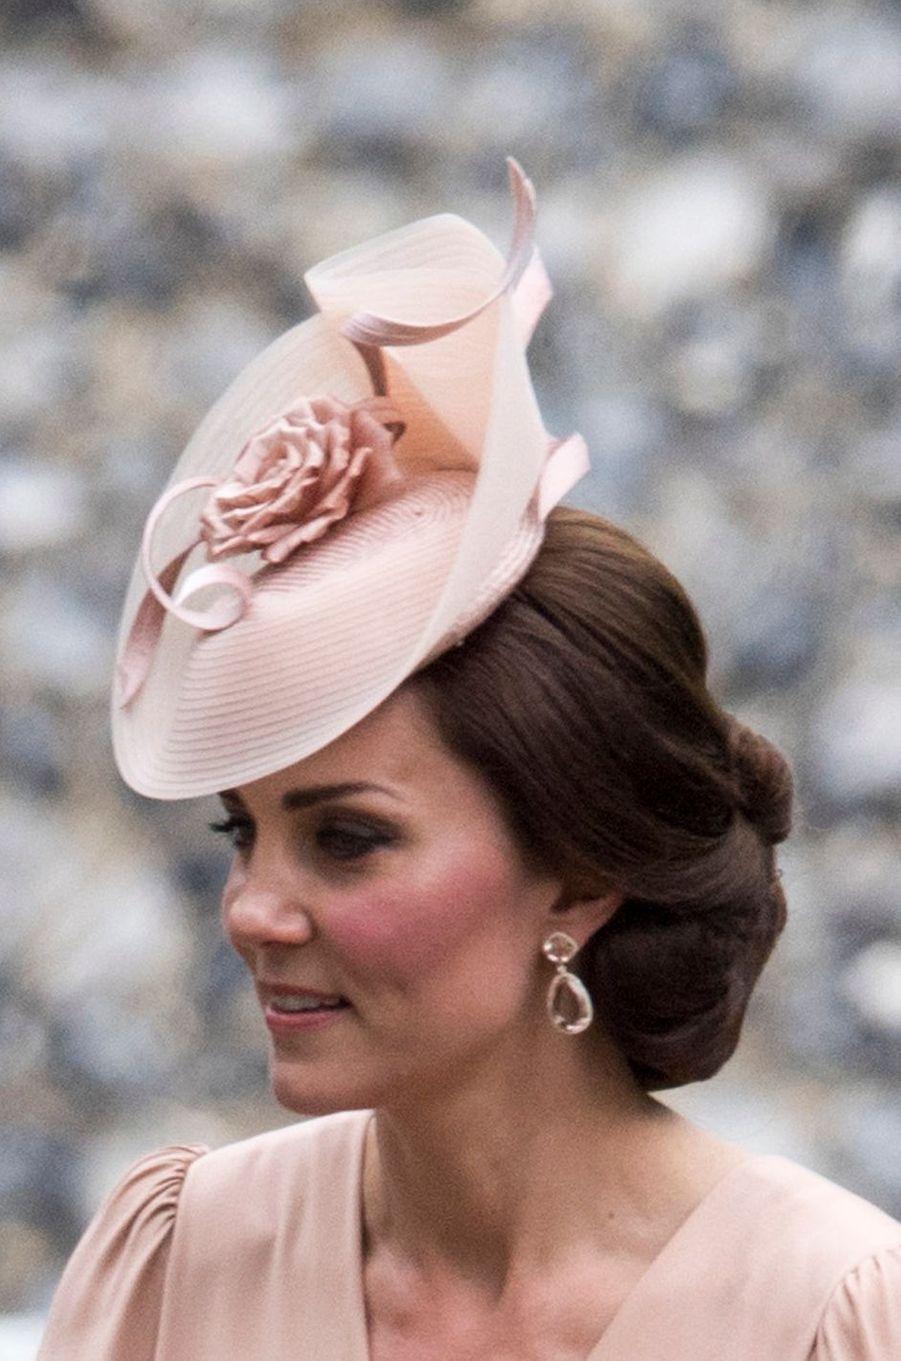 Les boucles d'oreille de la duchesse Catherine de Cambridge au mariage de Pippa Middleton à Englefield, le 20 mai 2017